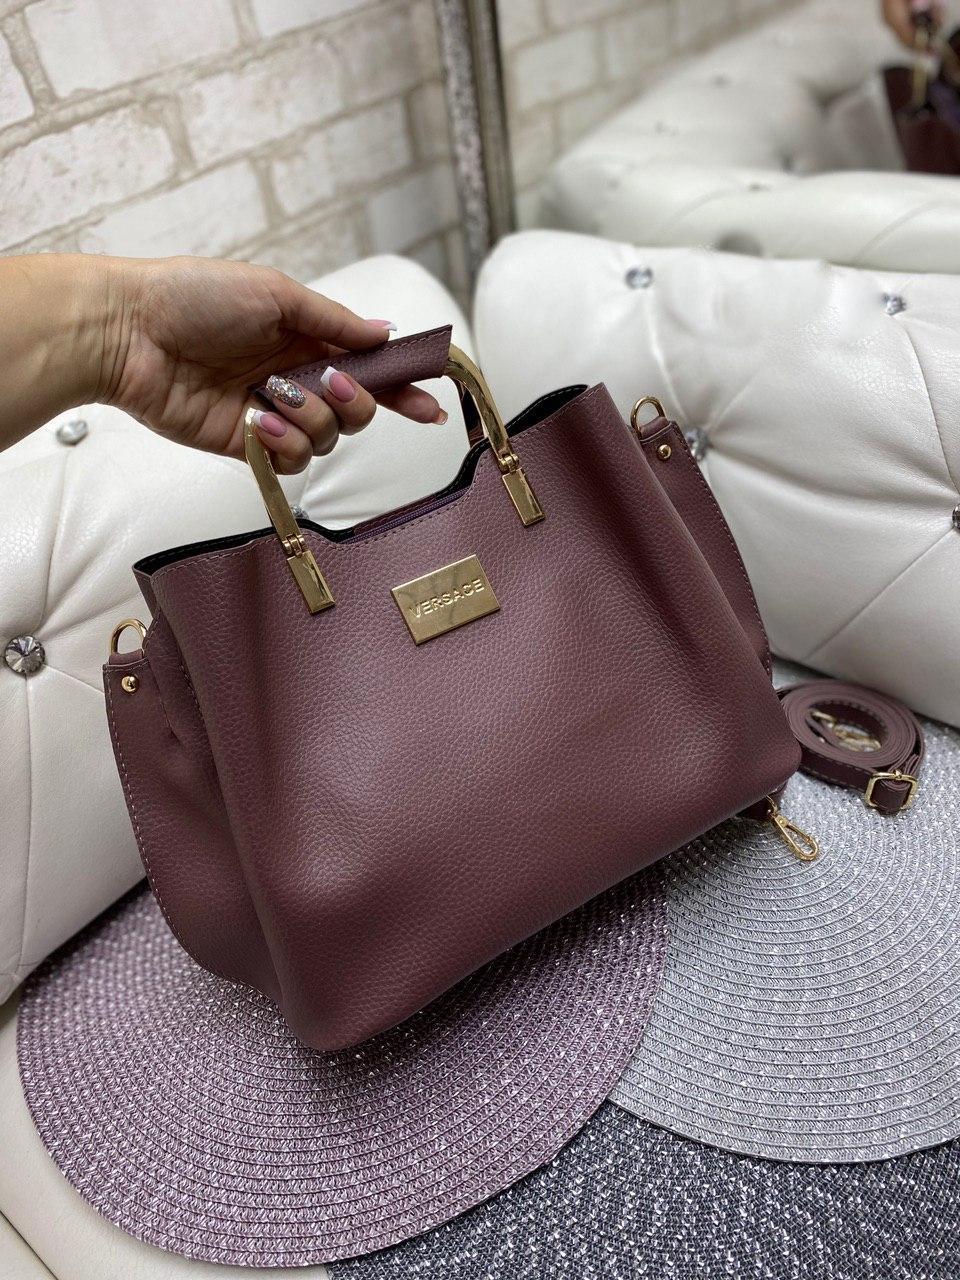 Женская сумка модная с квадратными ручками небольшая на плечо темная пудра кожзам